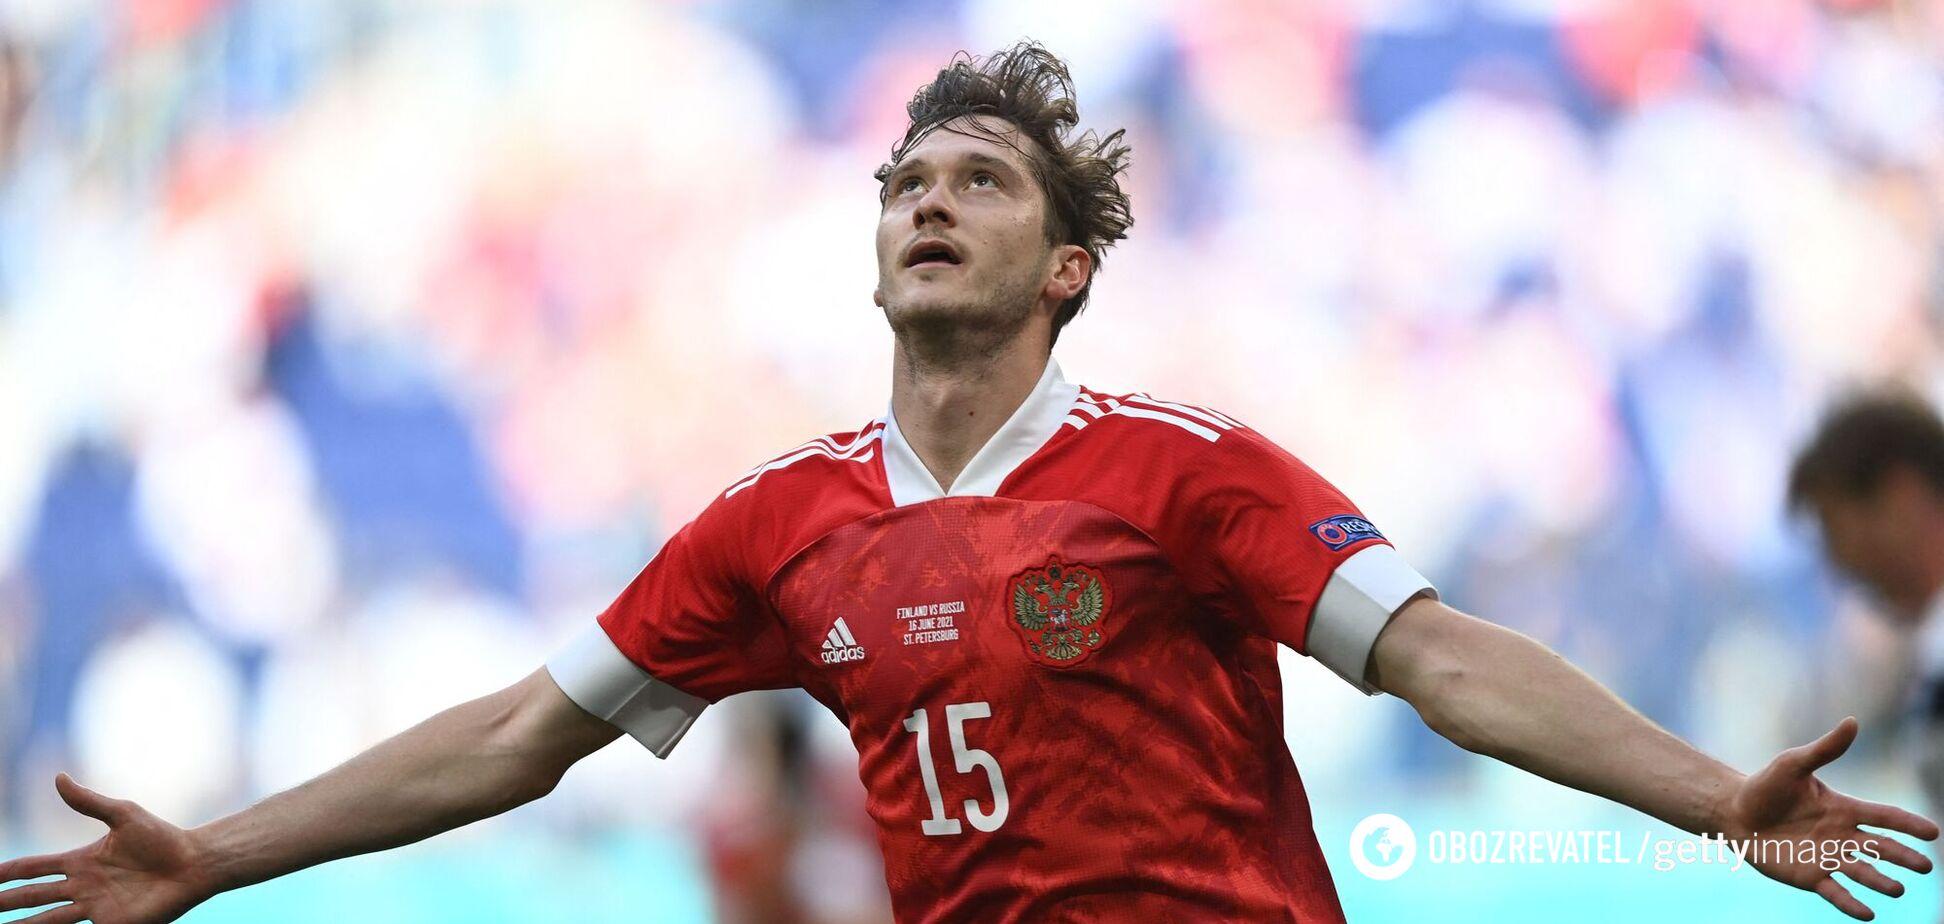 Олексій Міранчук забив перший гол у матчі